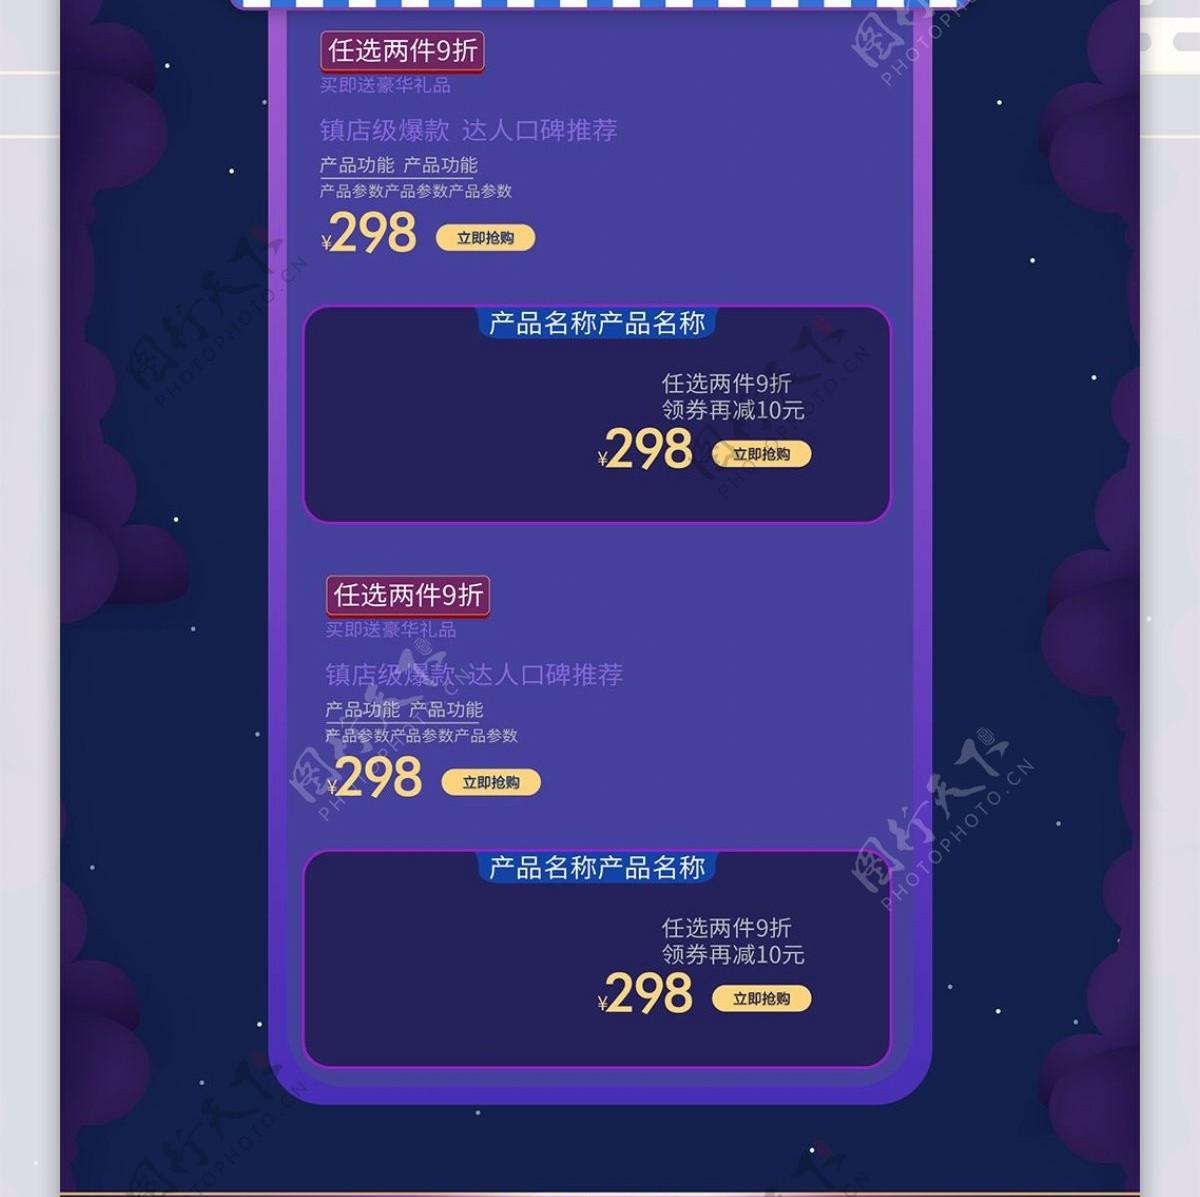 蓝紫色电商天猫超市黄金周首页促销模板